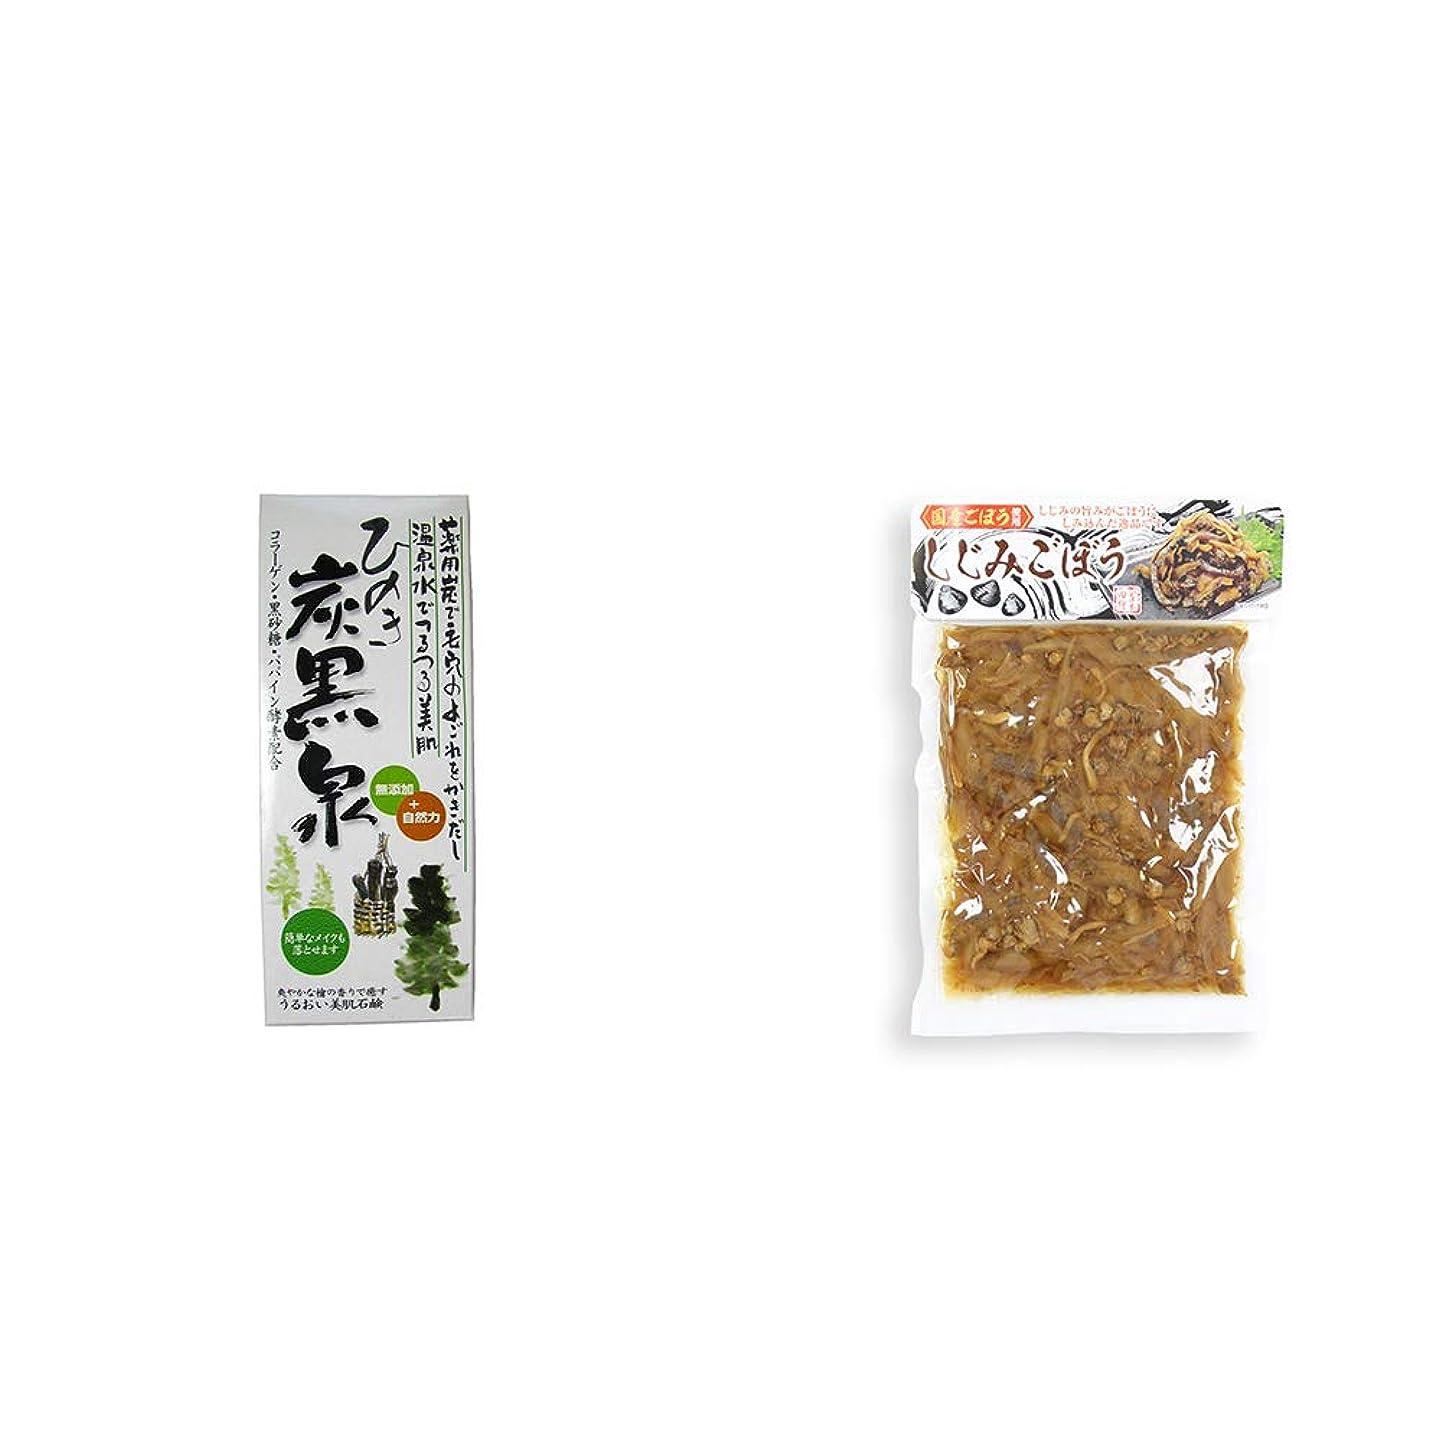 [2点セット] ひのき炭黒泉 箱入り(75g×3)?しじみごぼう(300g)